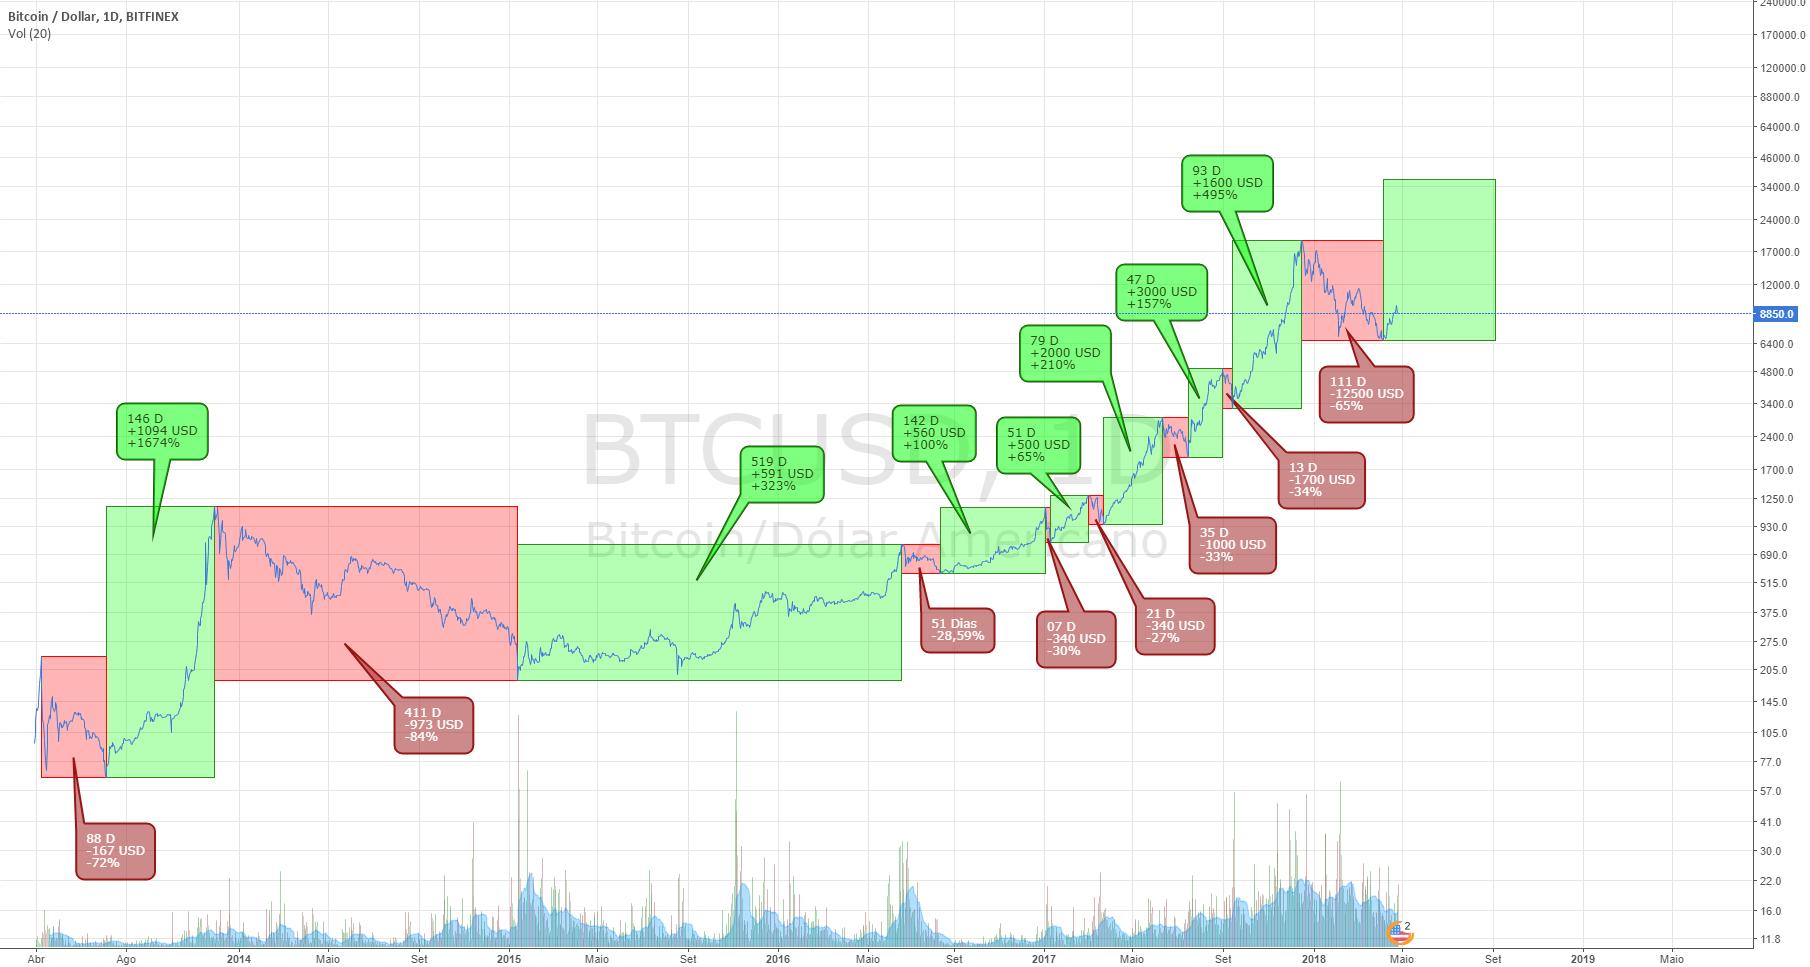 Bitcoin: Bull vs Bear cycles